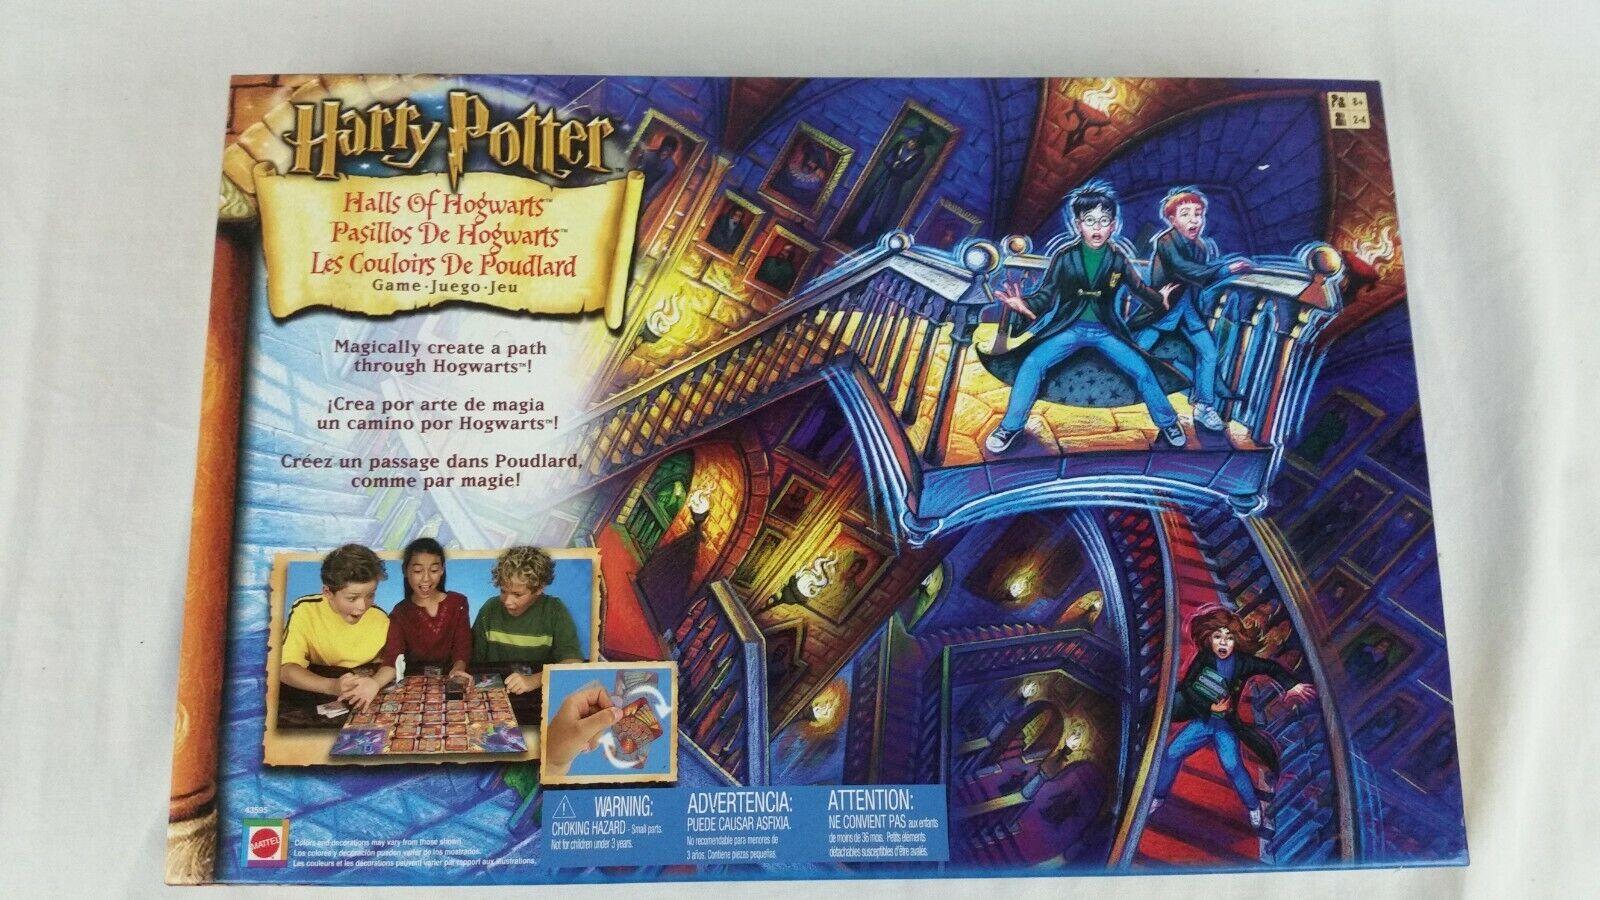 Harry Potter Halls of Hogwarts Board Game